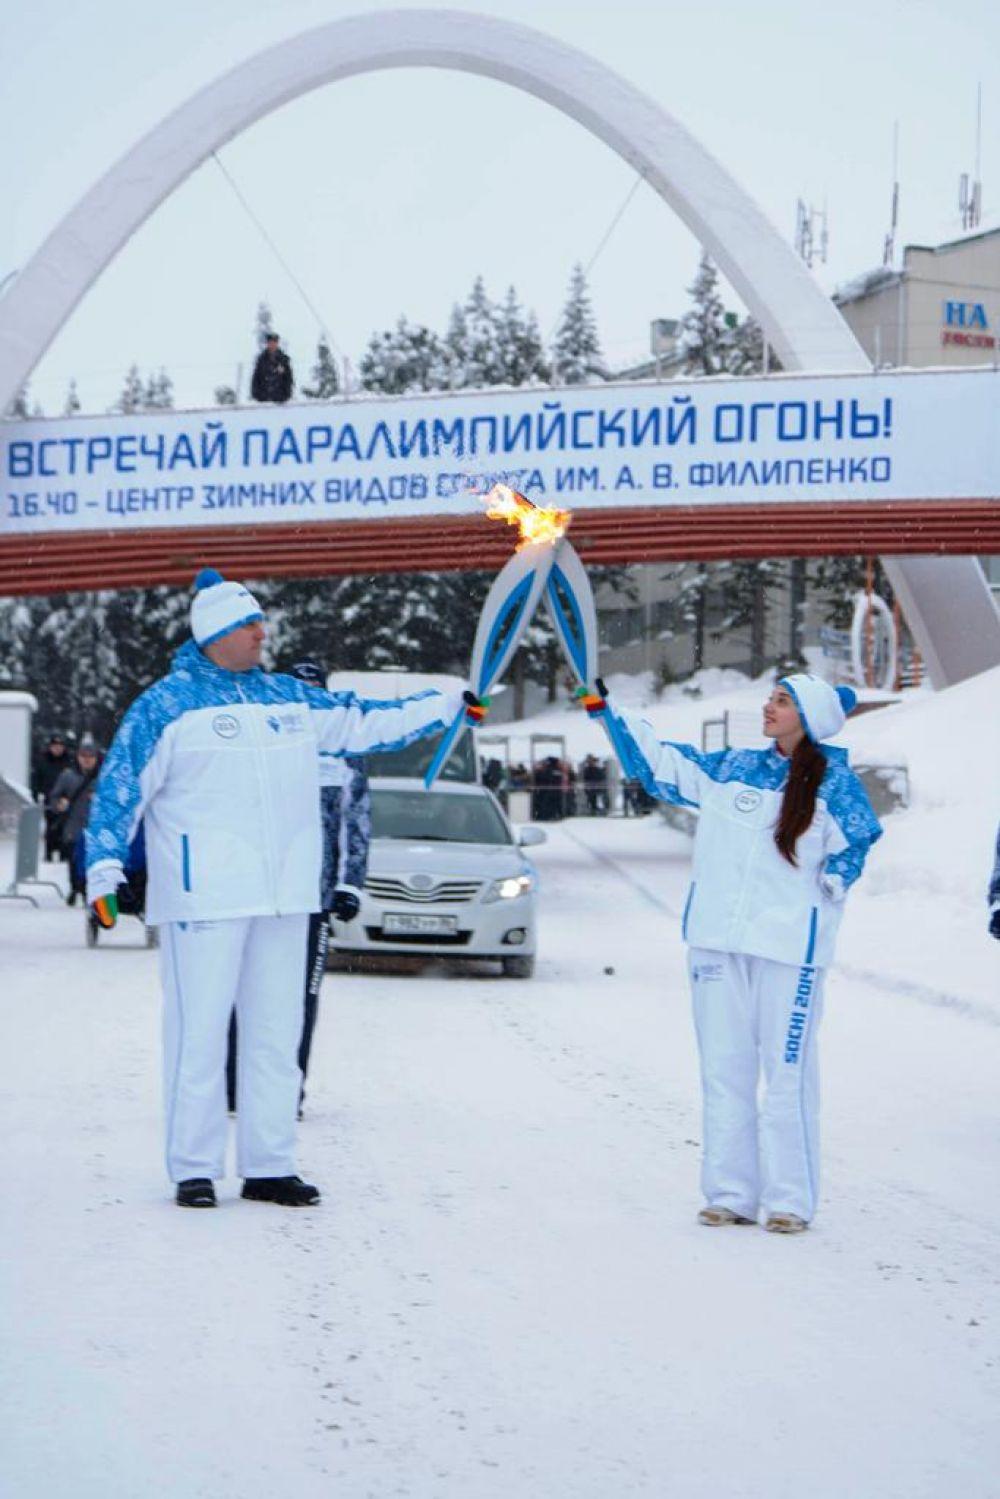 Финишировала эстафета в Центре зимних видов спорта имени А.В. Филипенко